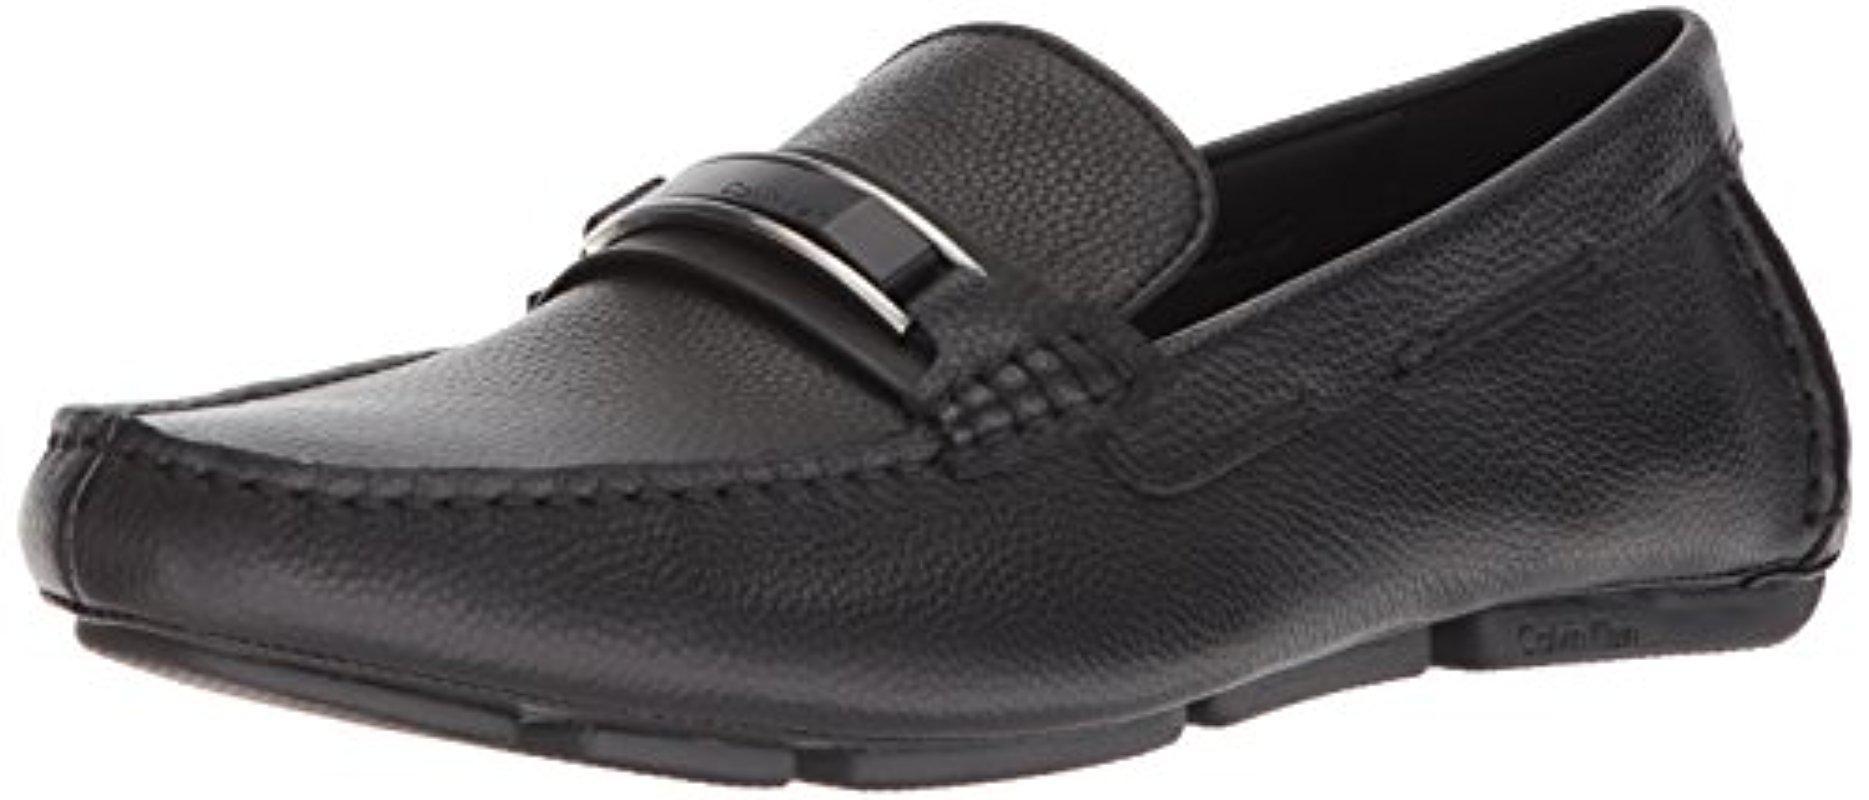 Men's Madsen Loafer Flat